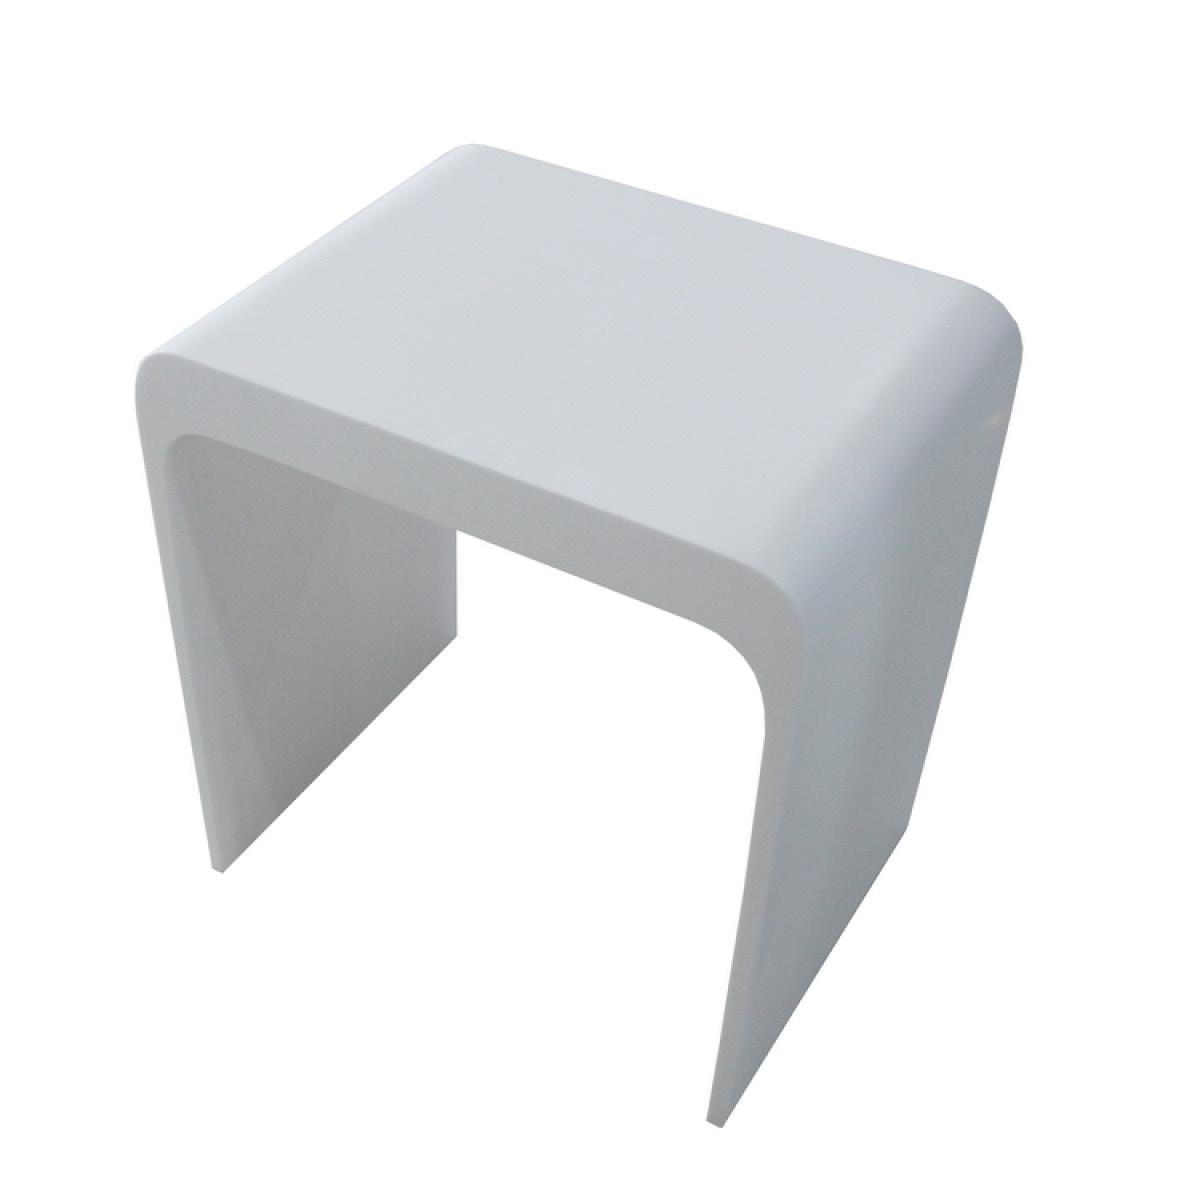 Design badhocker aus mineralguss v badewelt badezimmer m bel for Badezimmer stuhl design